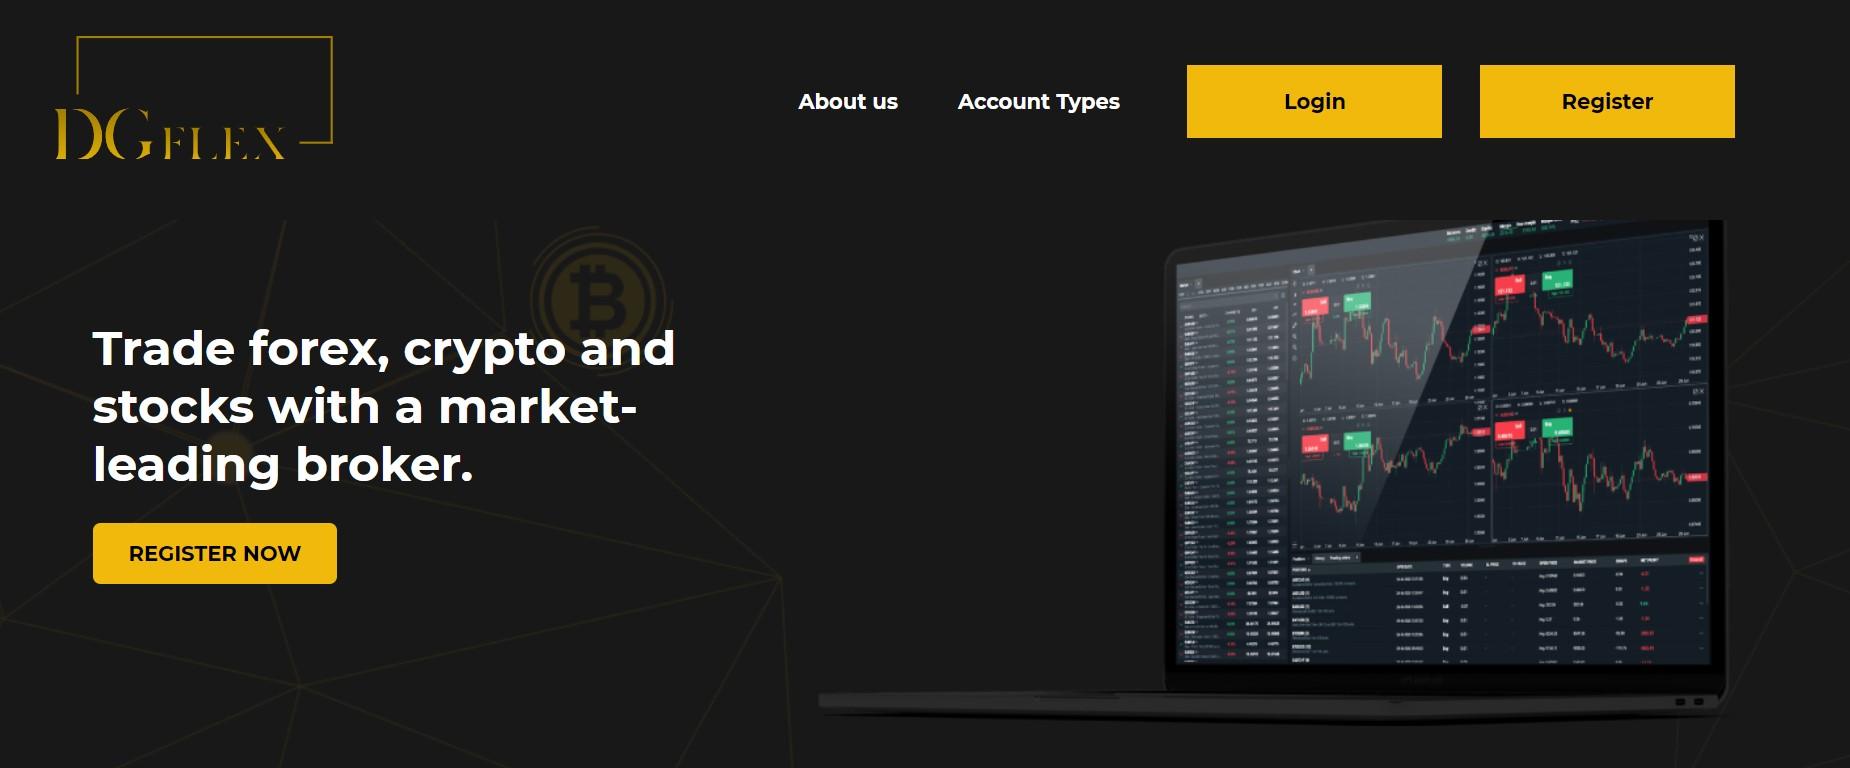 DG Flex website